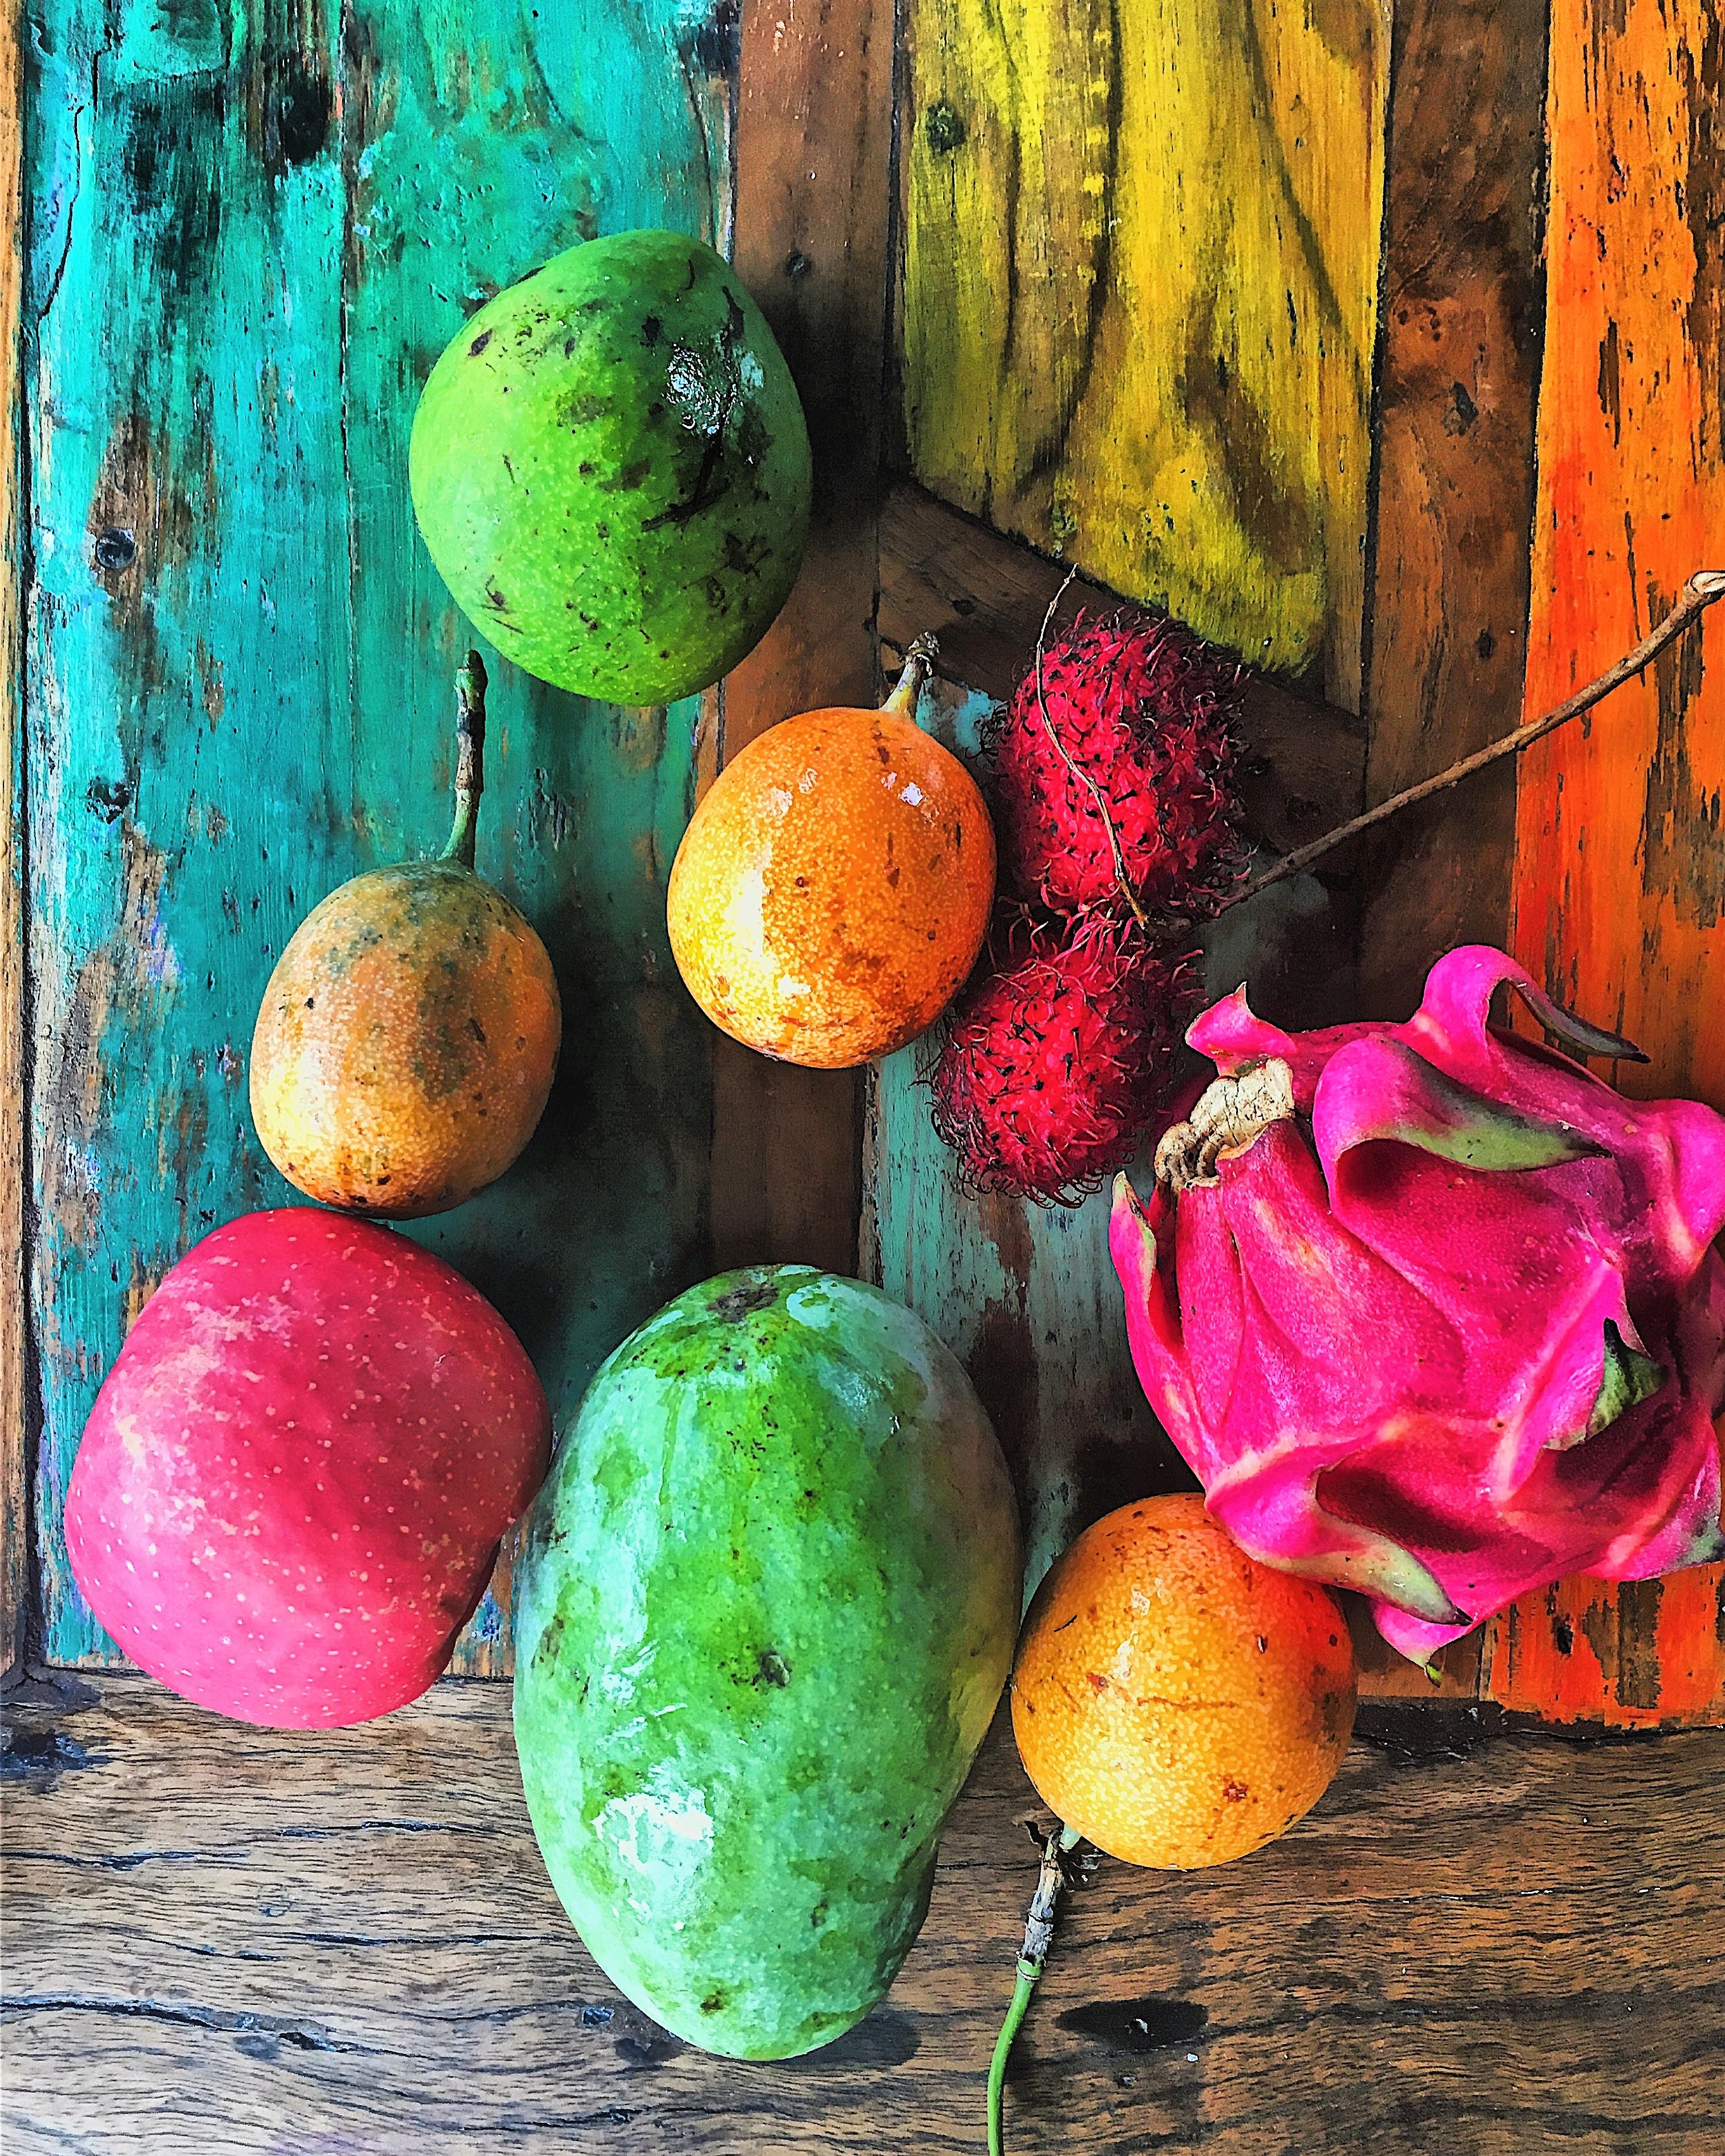 bali színek gyümölcsök mango mondolo